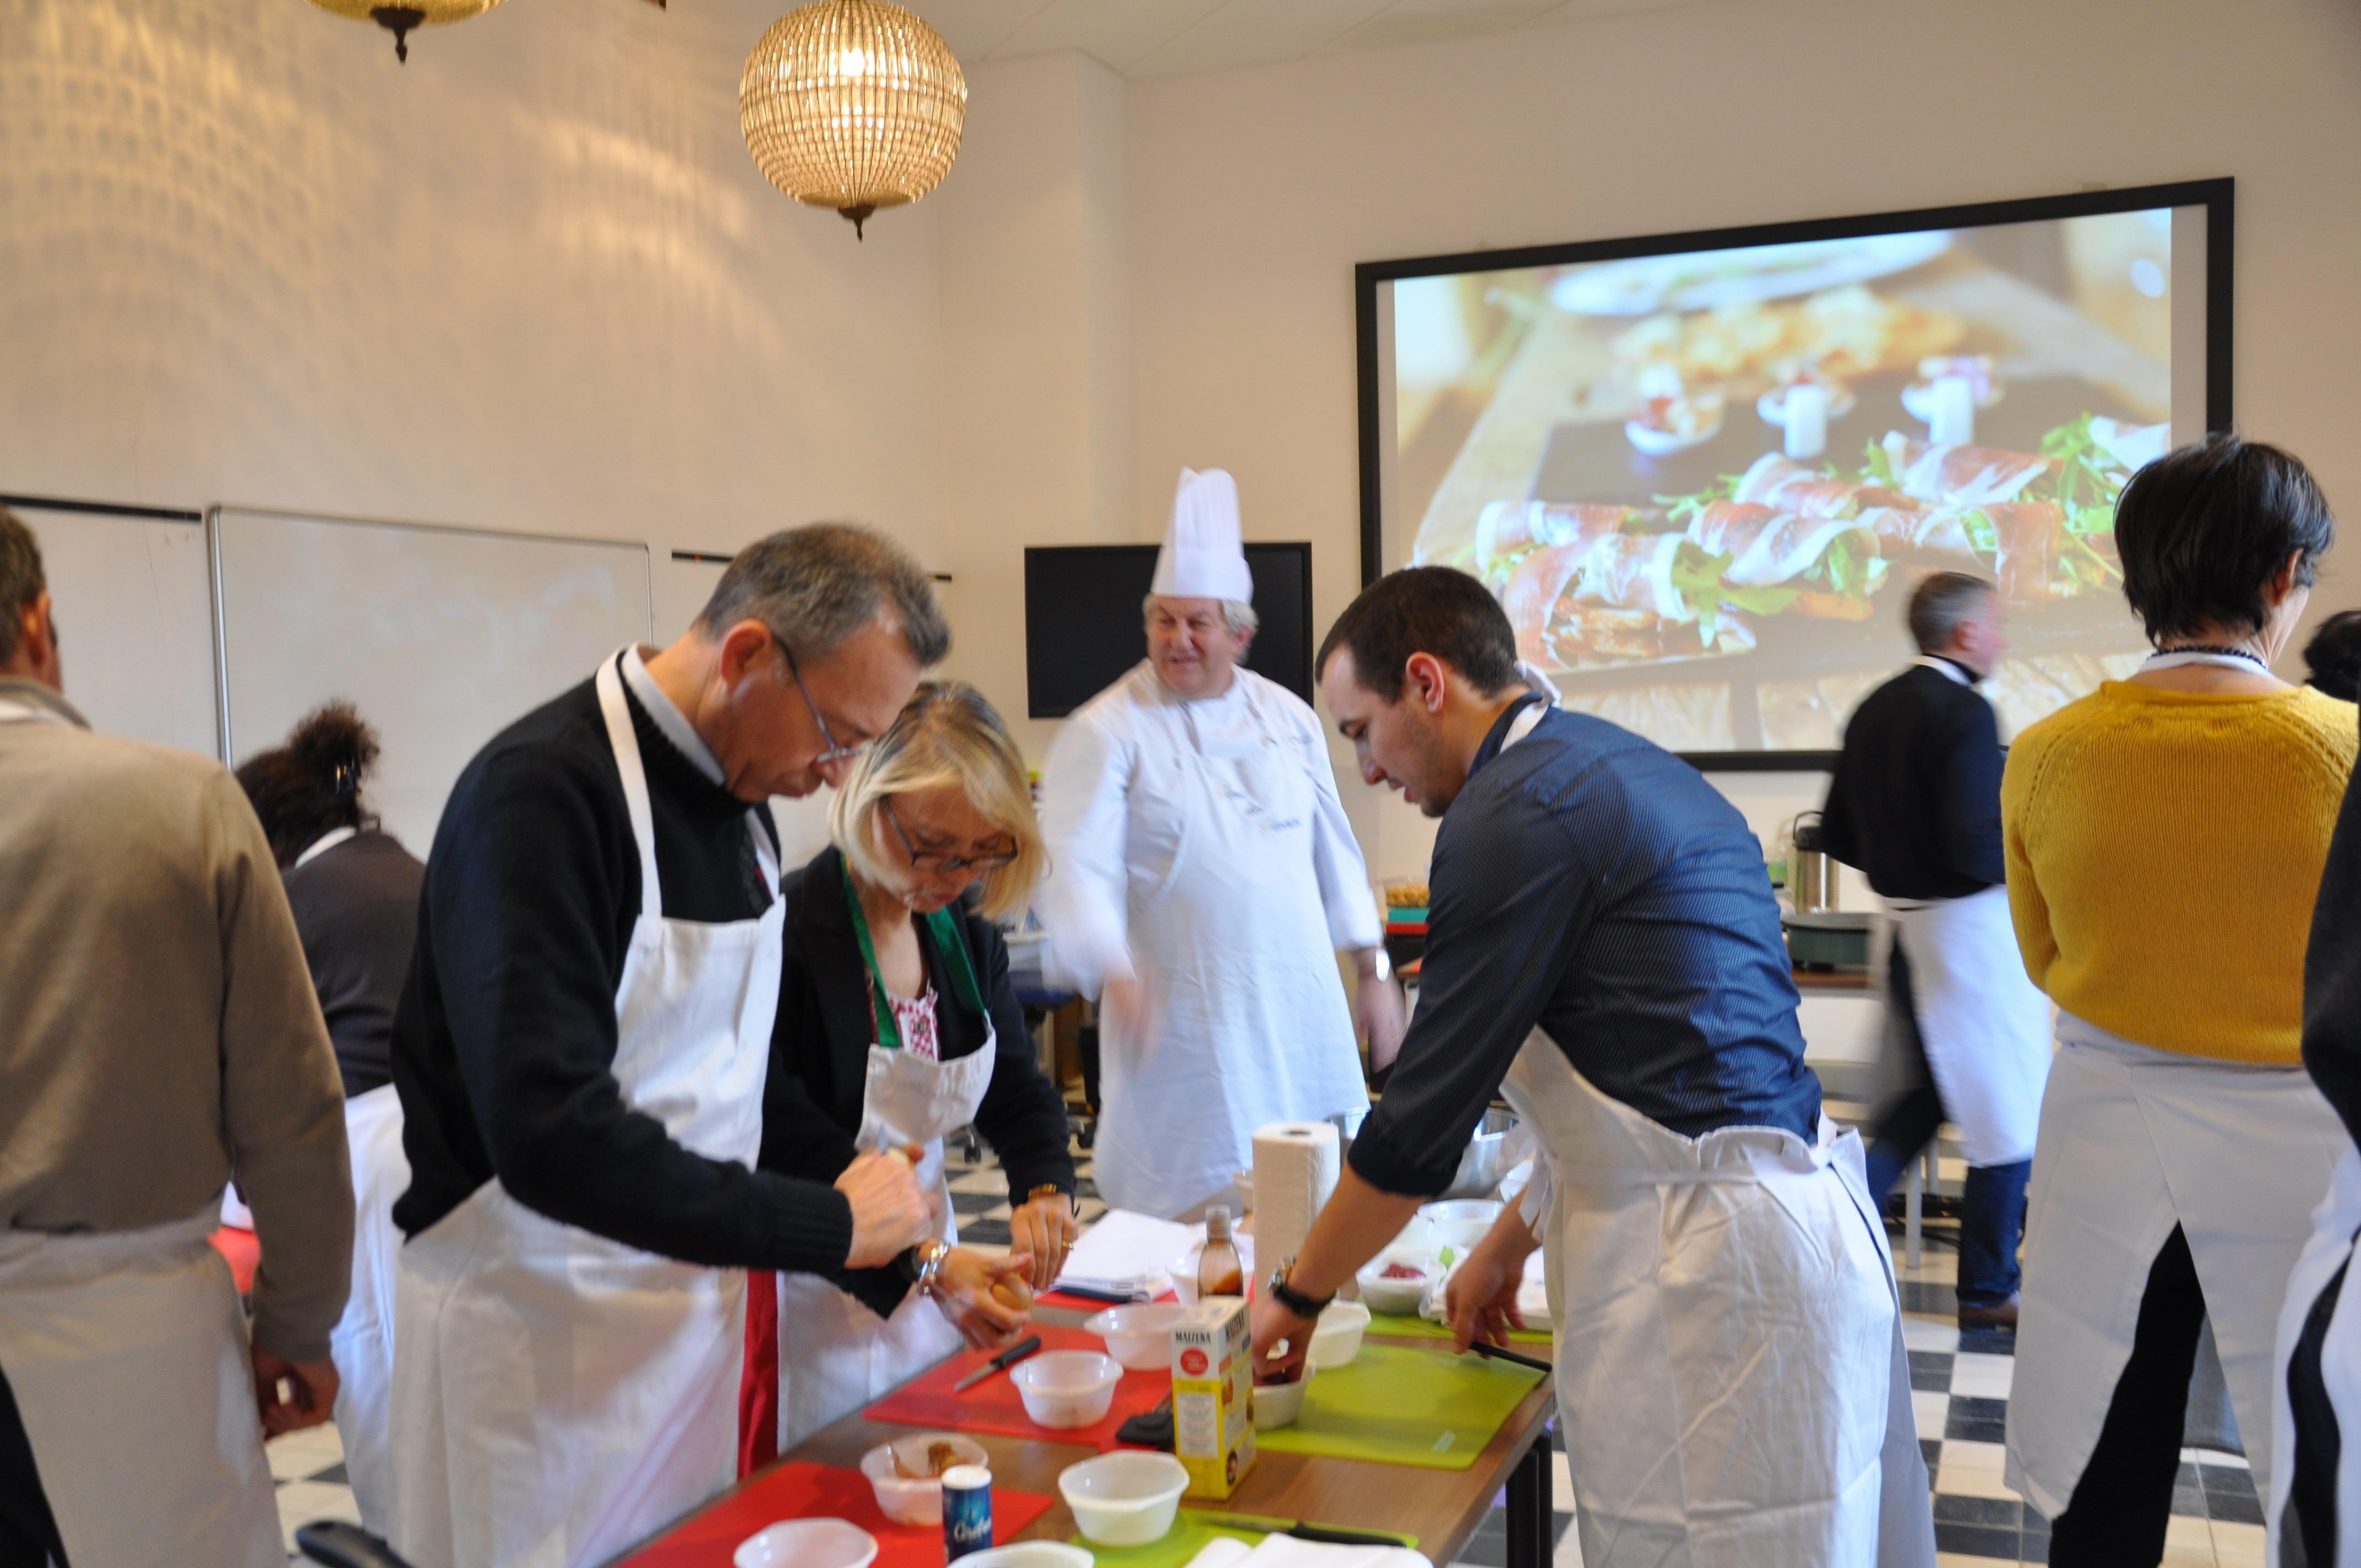 Cours-de-cuisine-entreprise-3